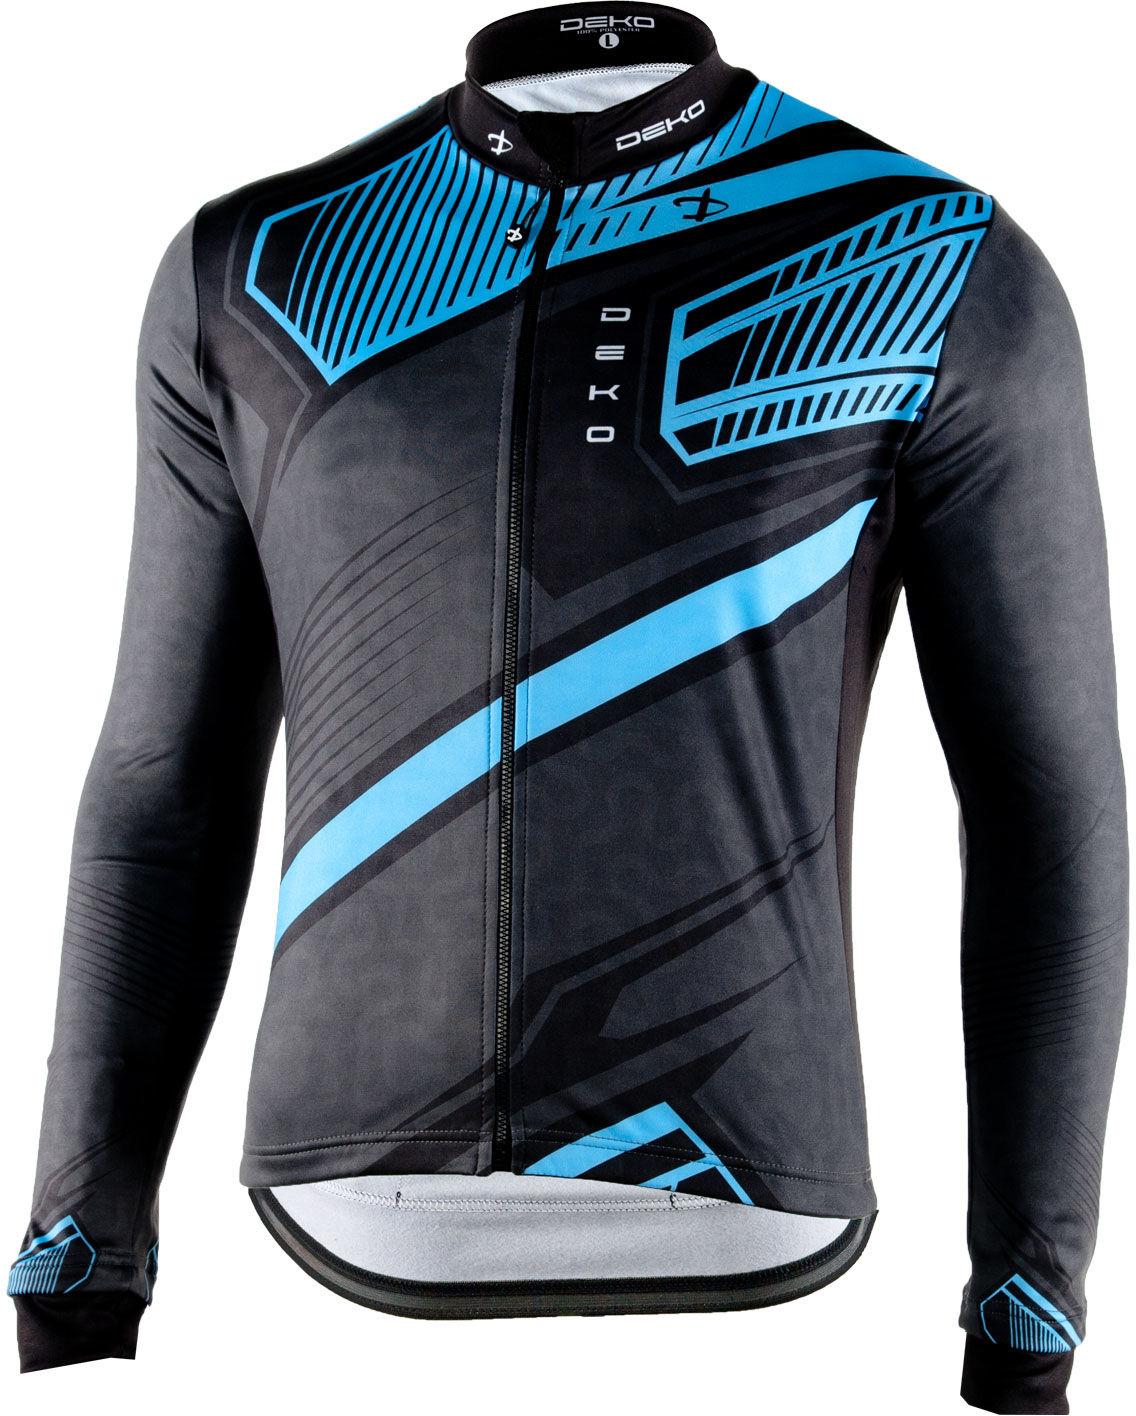 DEKO MNK-001-09 męska bluza rowerowa długi rękaw, niebieski Rozmiar: XL,DEKO_style9_bluza_BLUE